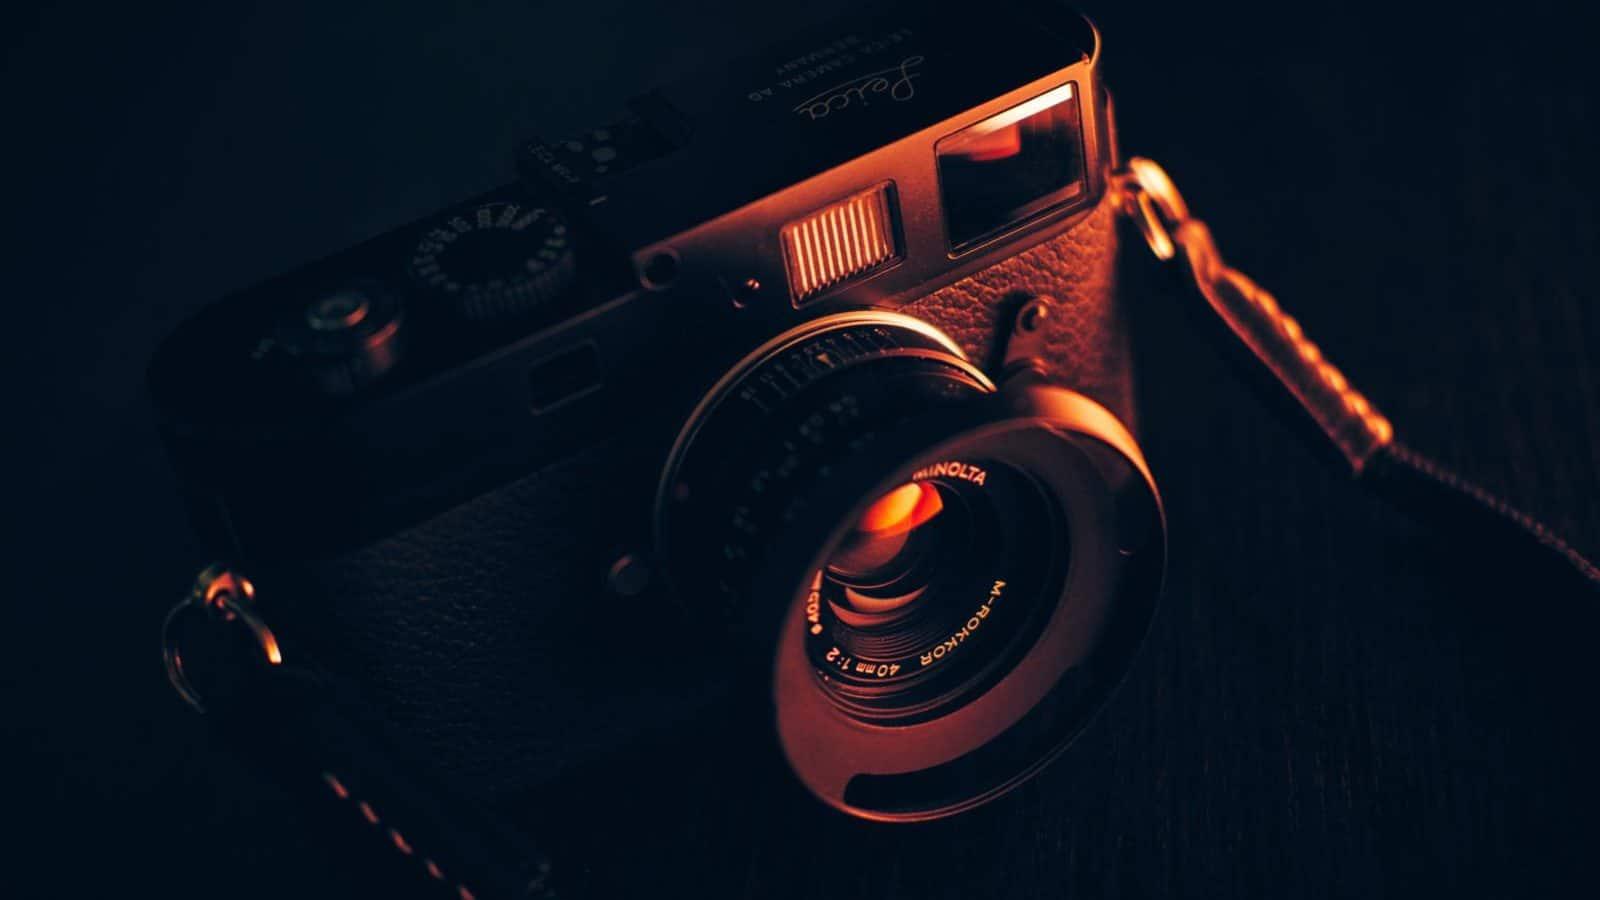 Comment choisir l'appareil photo professionnel correctement?